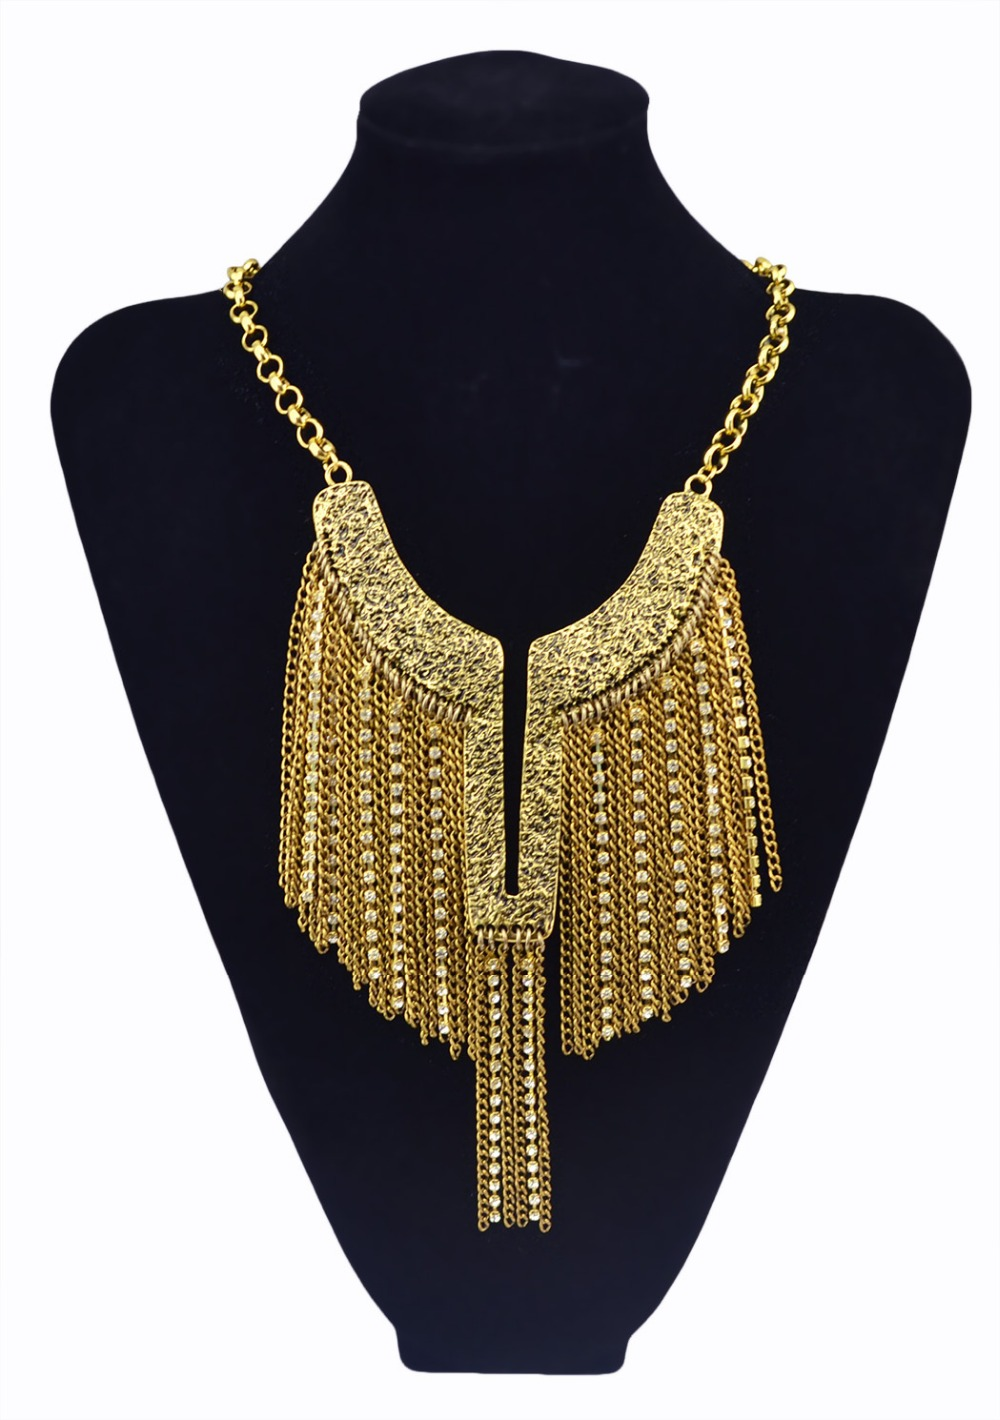 3cc1e789bac4 Nueva moda estilo europeo de plata de oro ángulo ala forma cristalina del  metal de la borla del babero del ahogador del collar del encanto